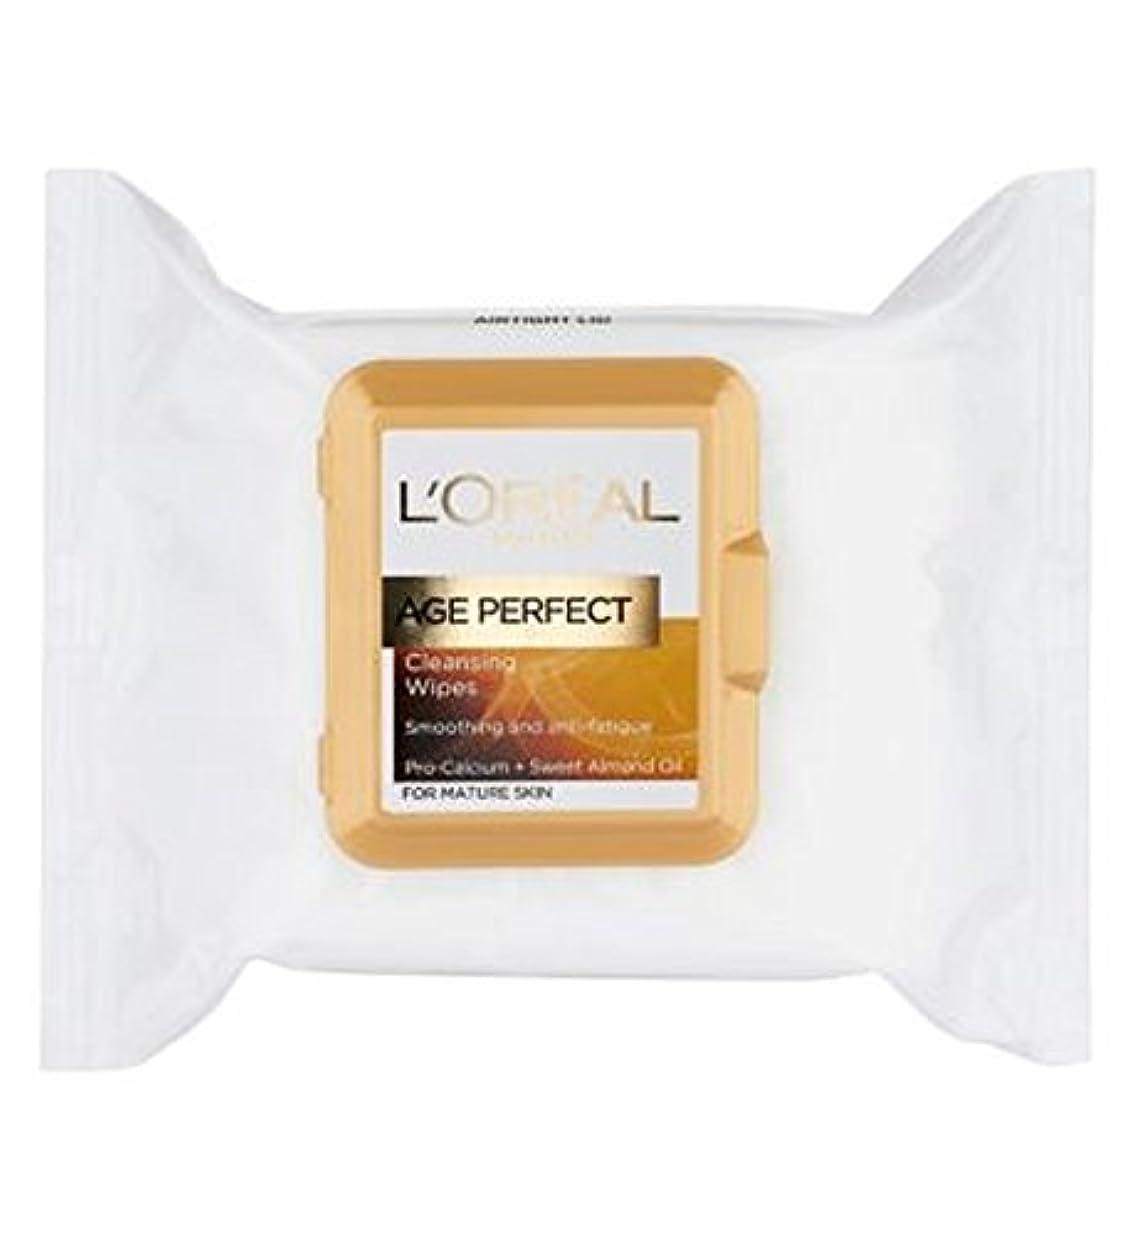 シリーズゴージャス闘争L'Oreall Dermo-Expertise Age Smoothing Perfect Cleansing Wipes For Mature Skin 25s - 完璧なクレンジングを平滑L'Oreall真皮専門知識...